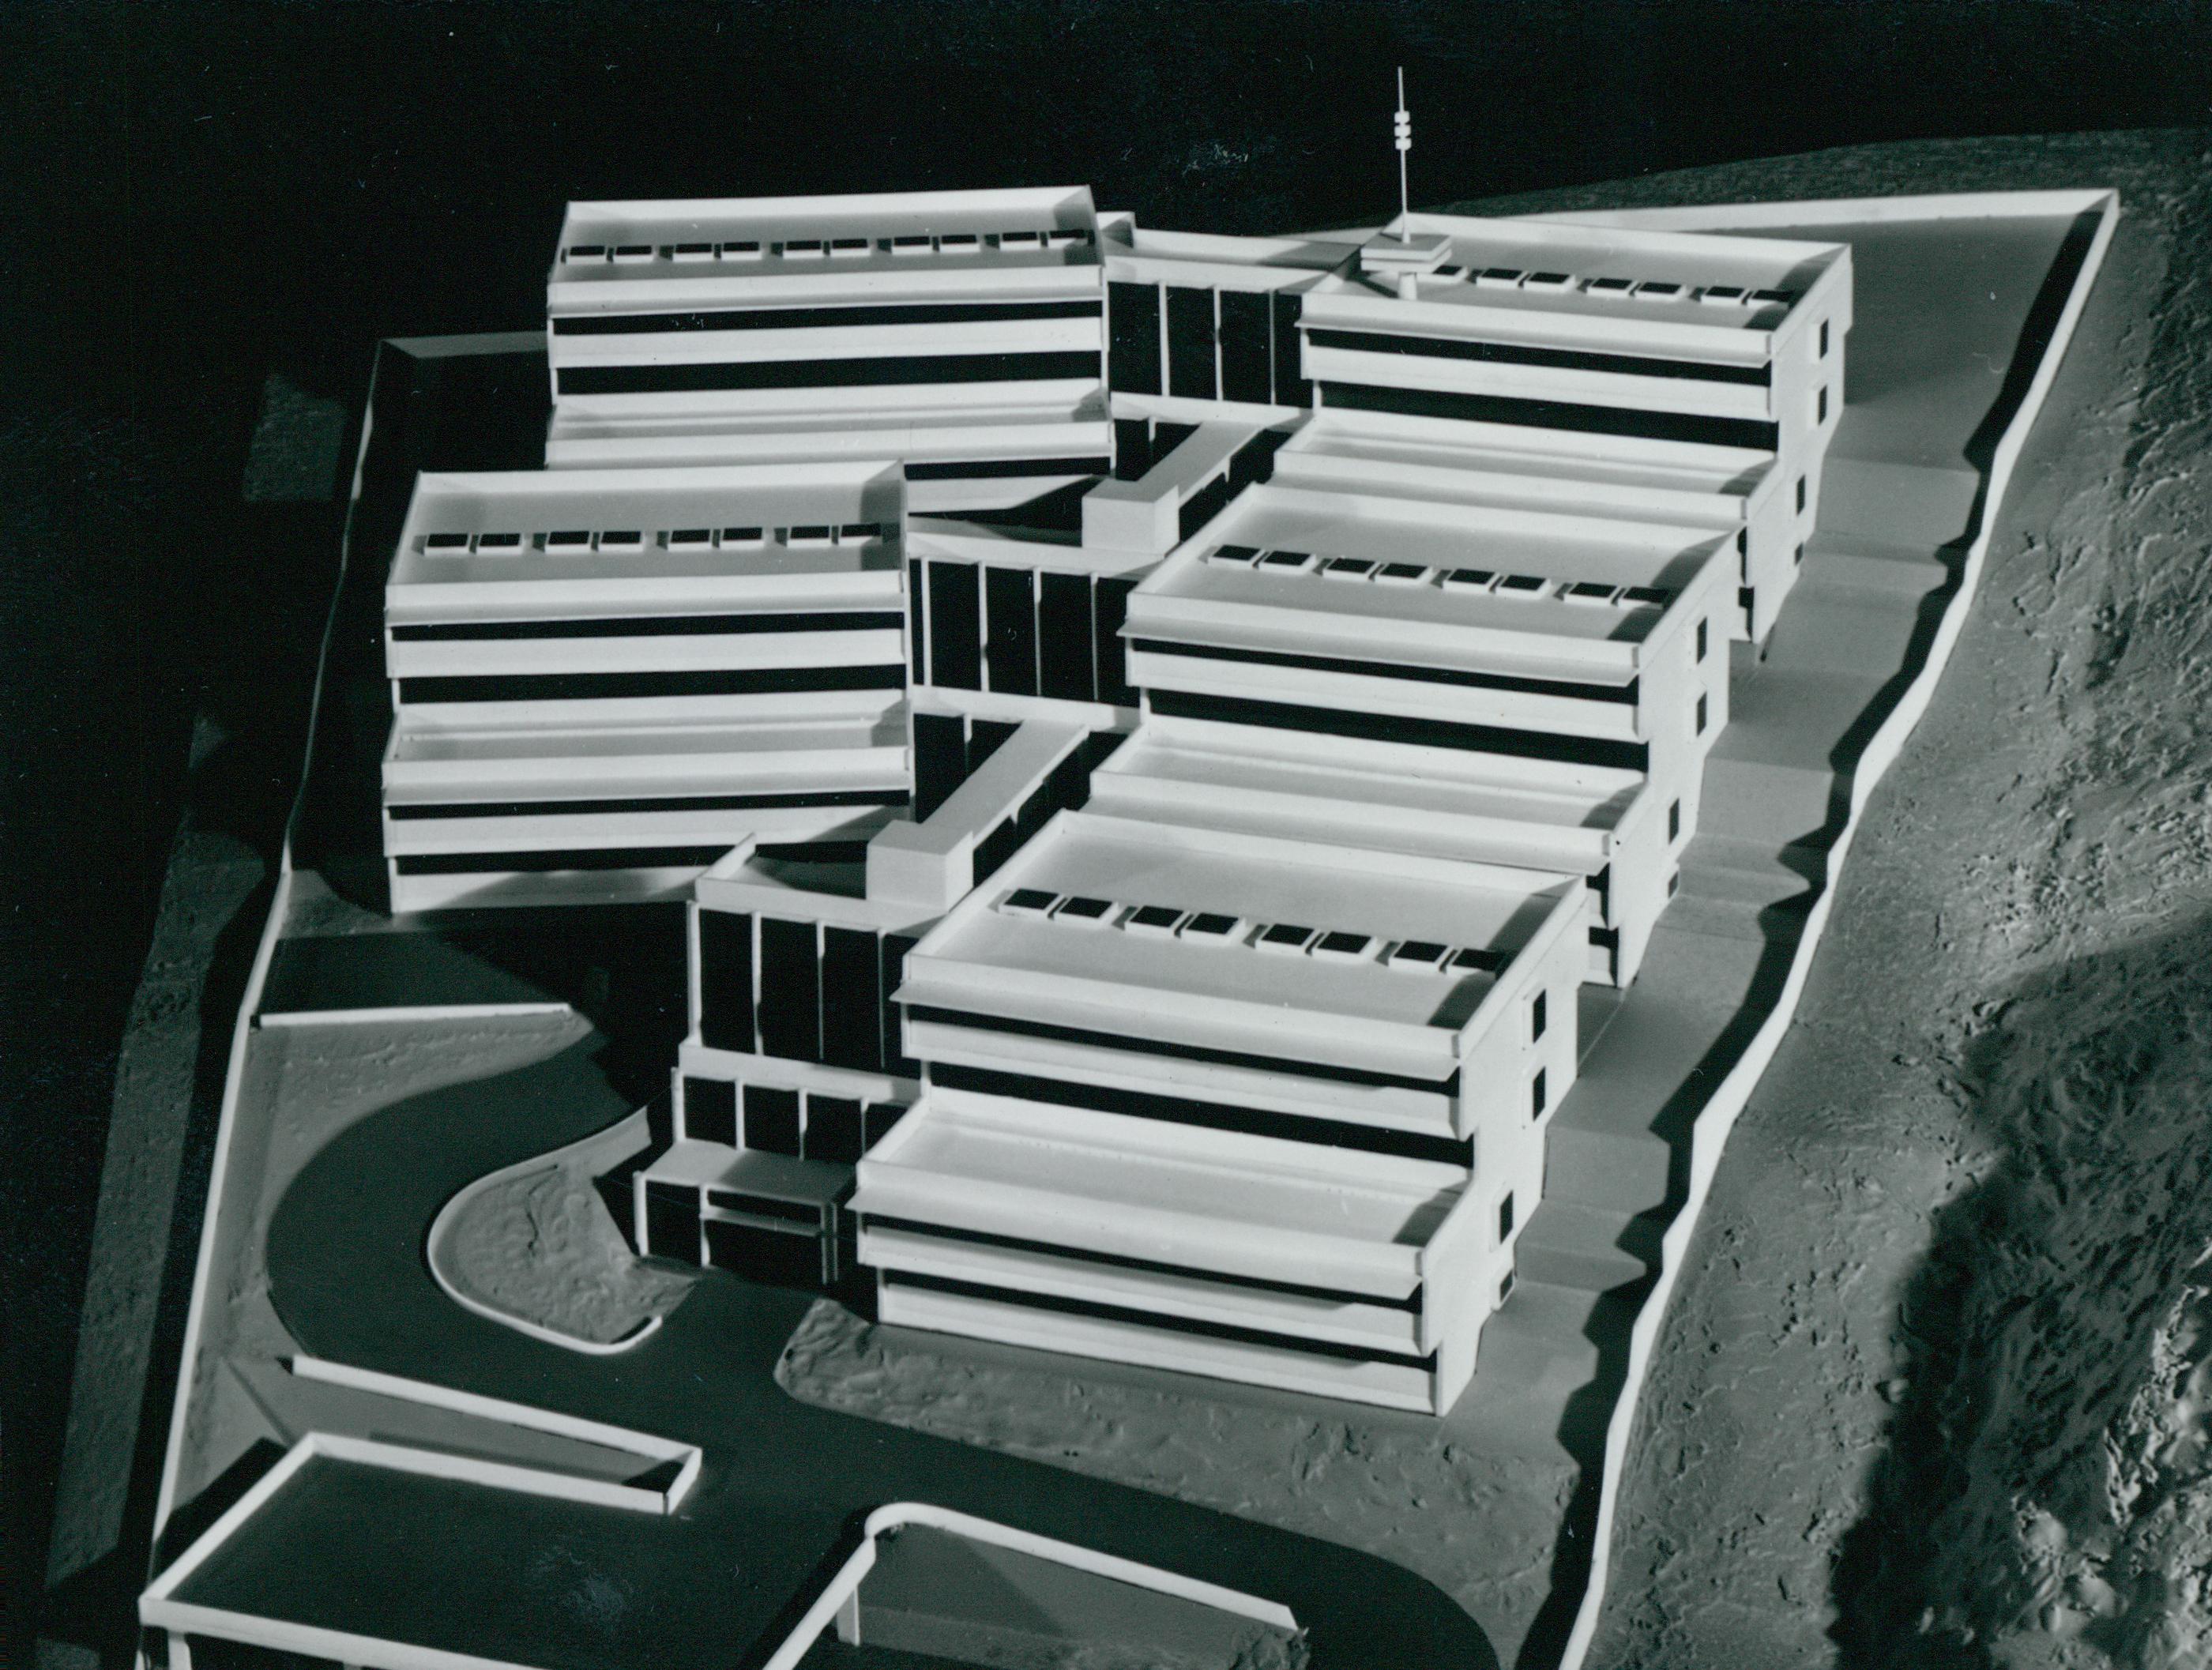 A Posta kísérleti kutató állomásának modellje